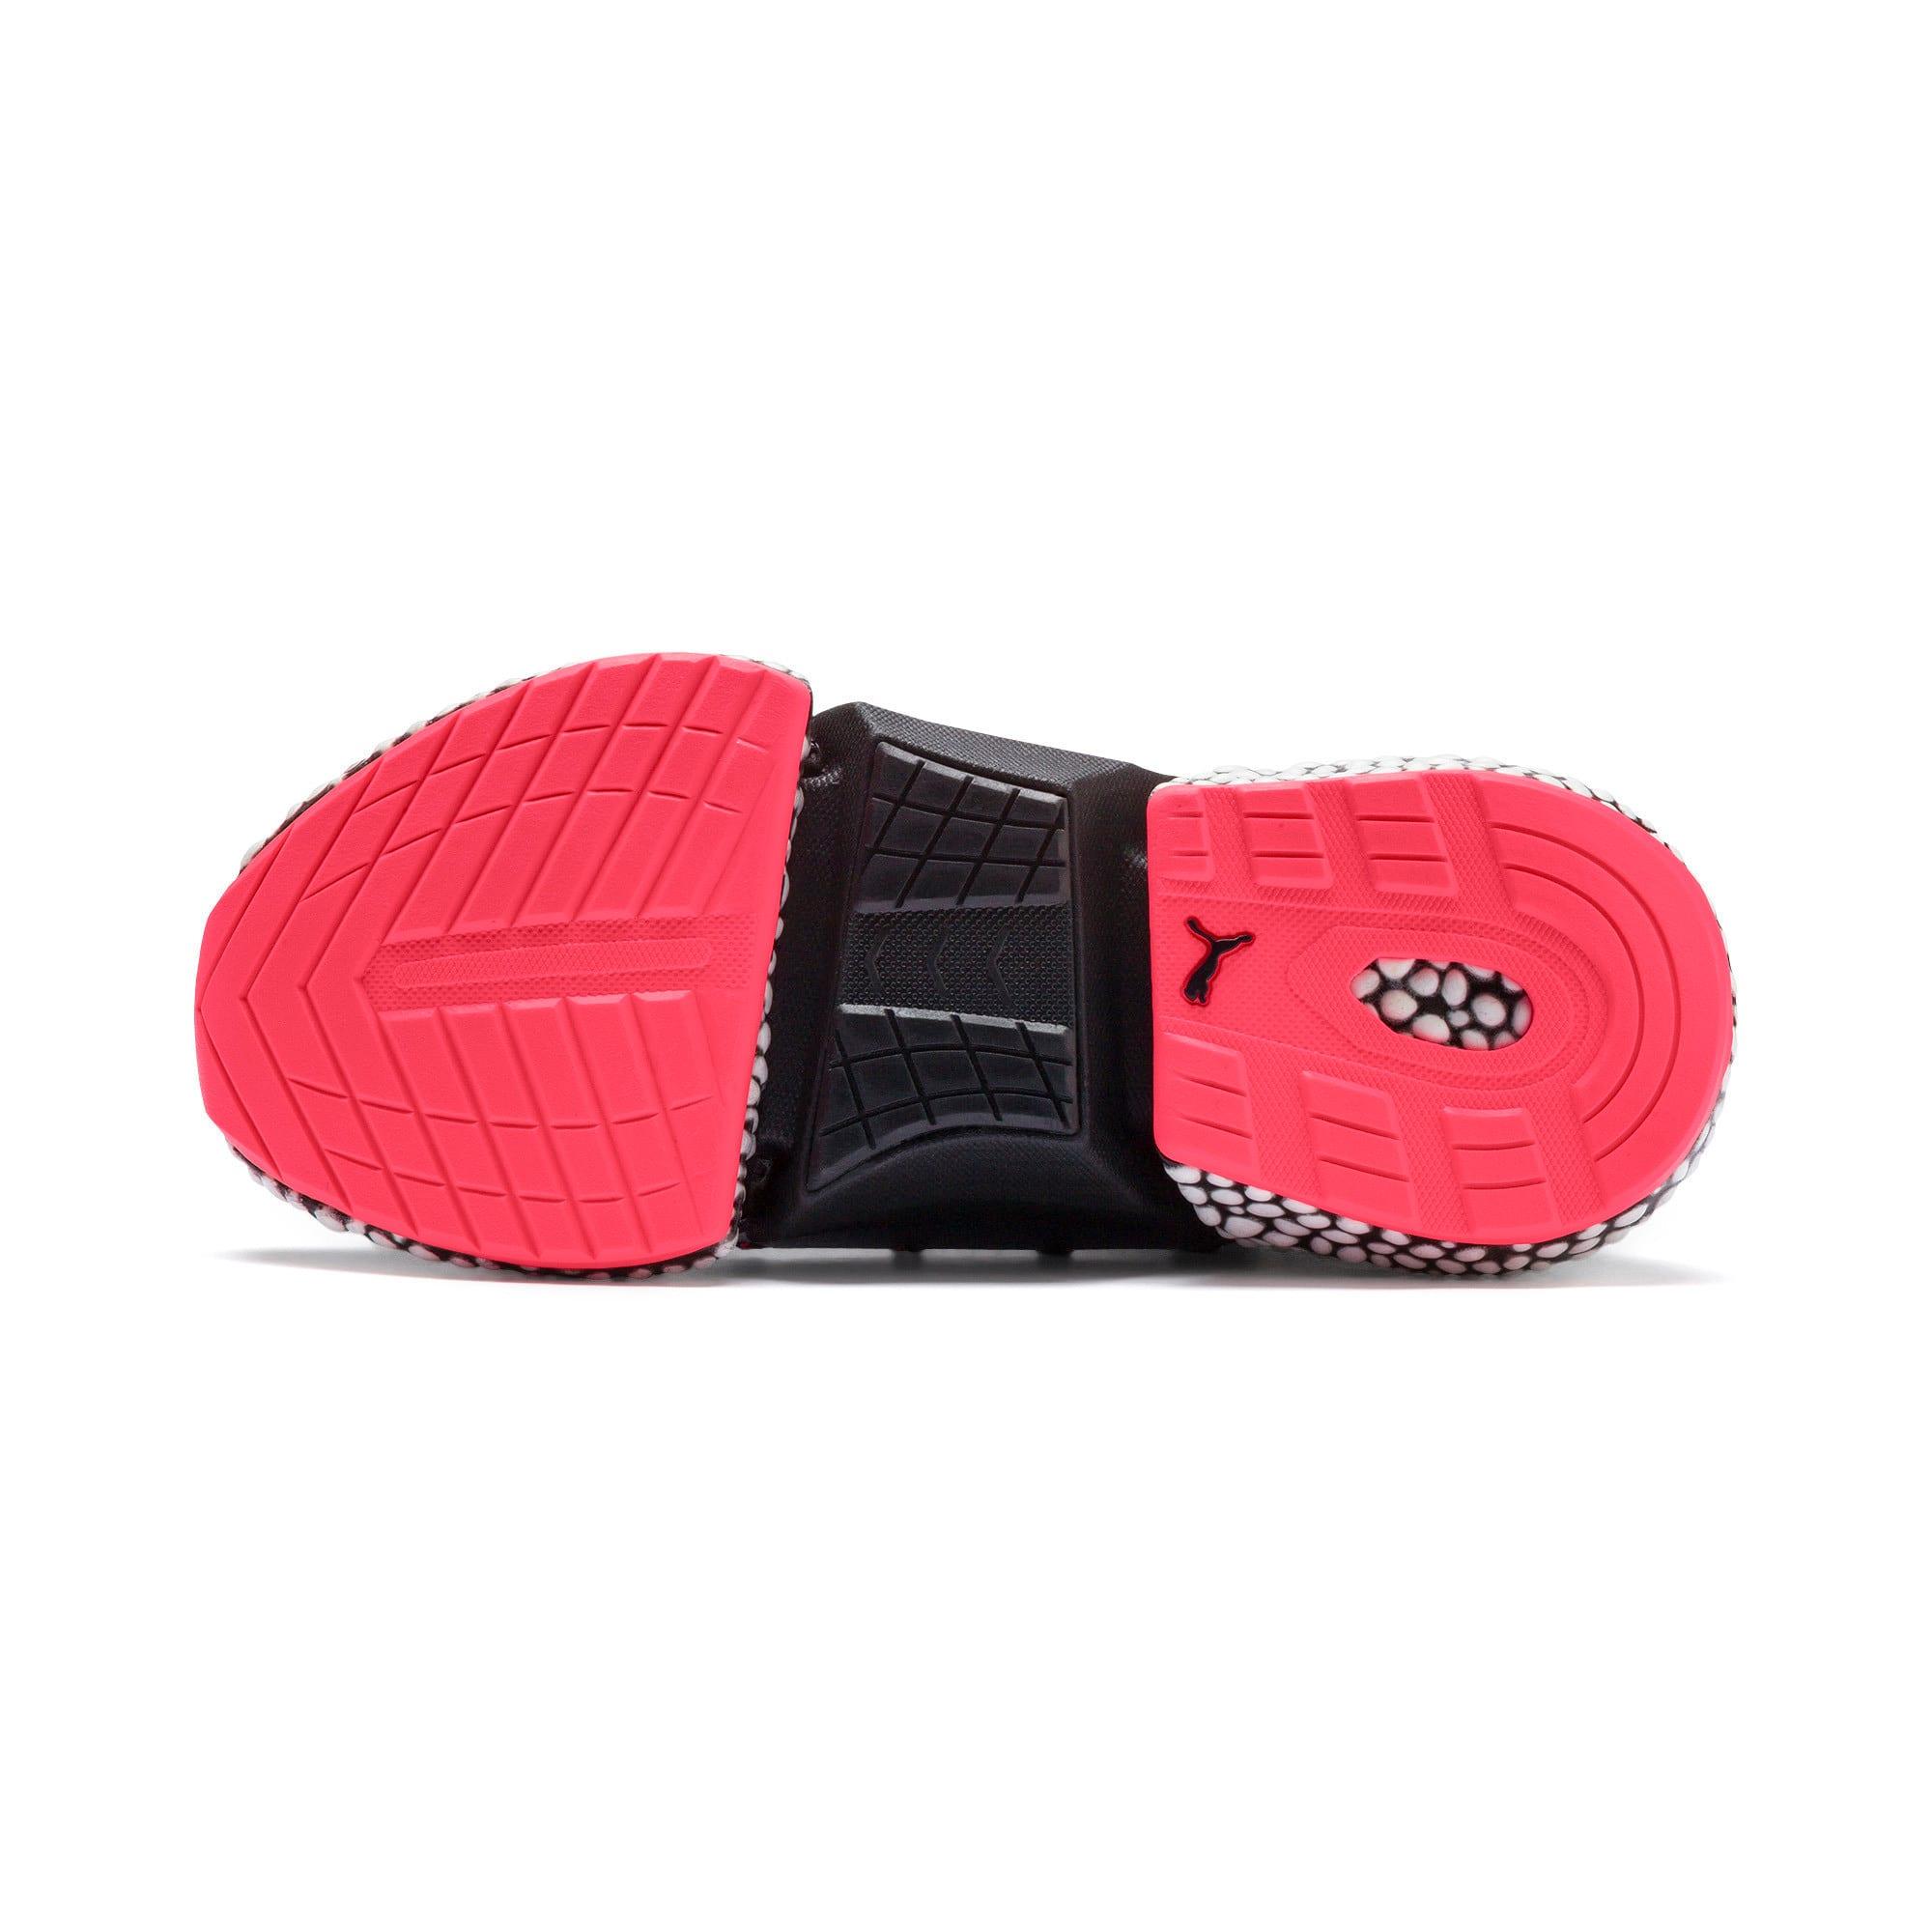 Thumbnail 5 of HYBRID Rocket Aero sneakers voor dames, Puma Black-Pink Alert, medium